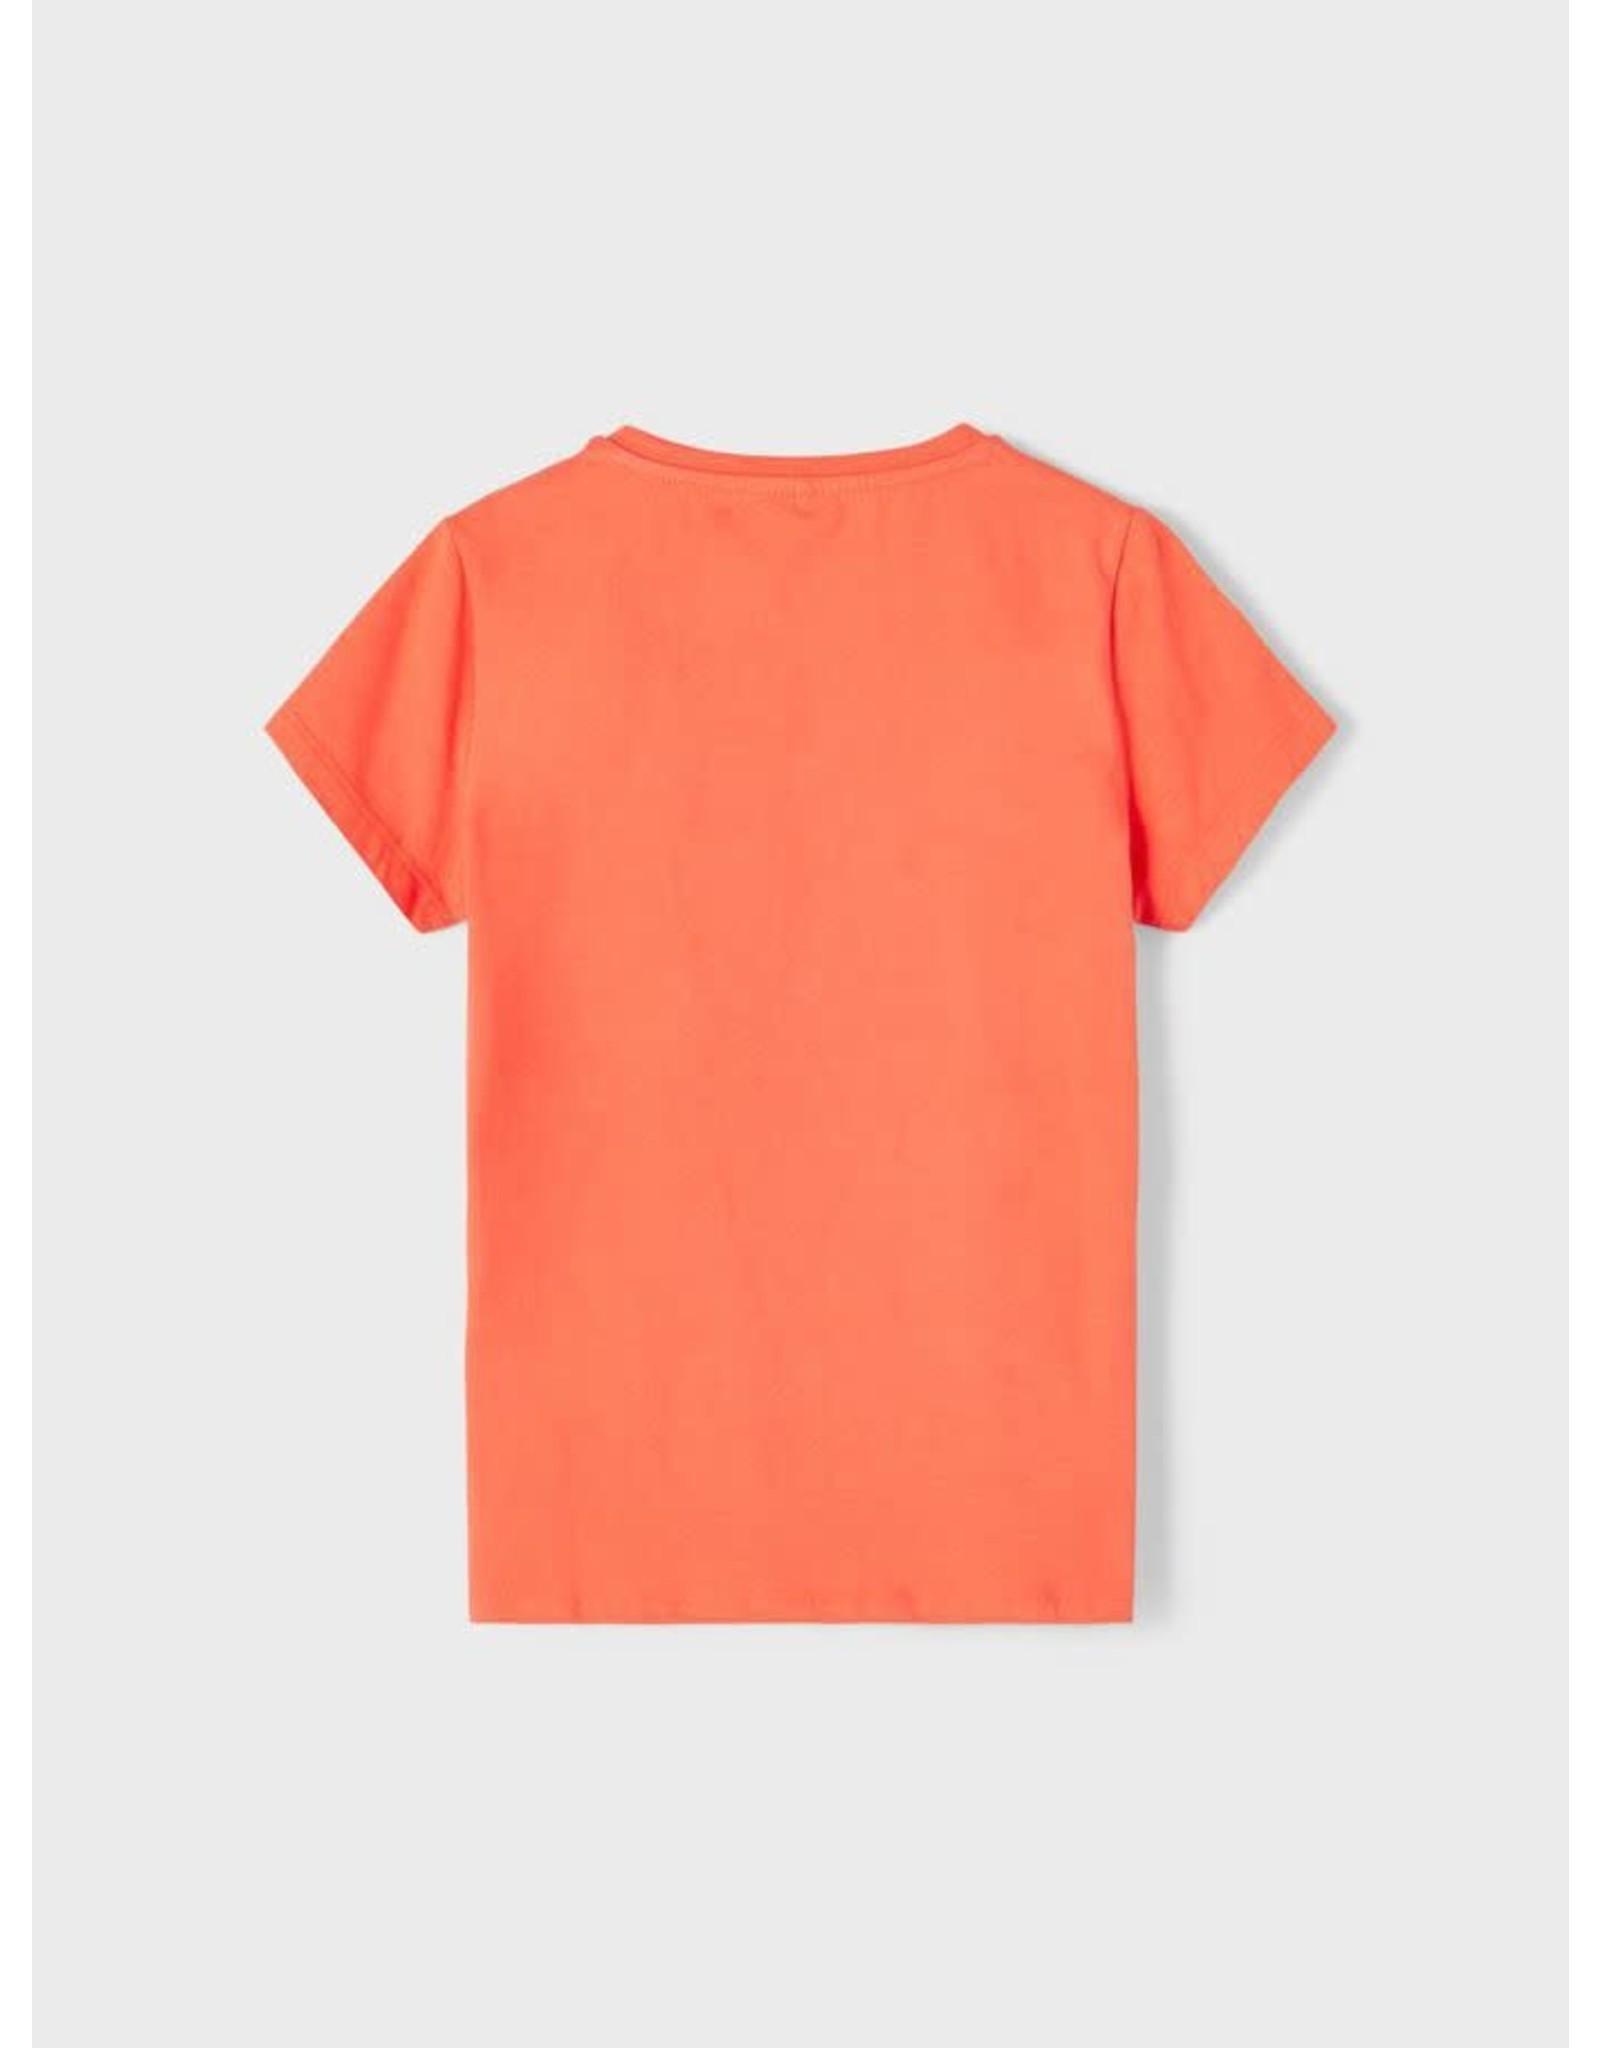 Name It Zonnige oranje t-shirt met bedrukking